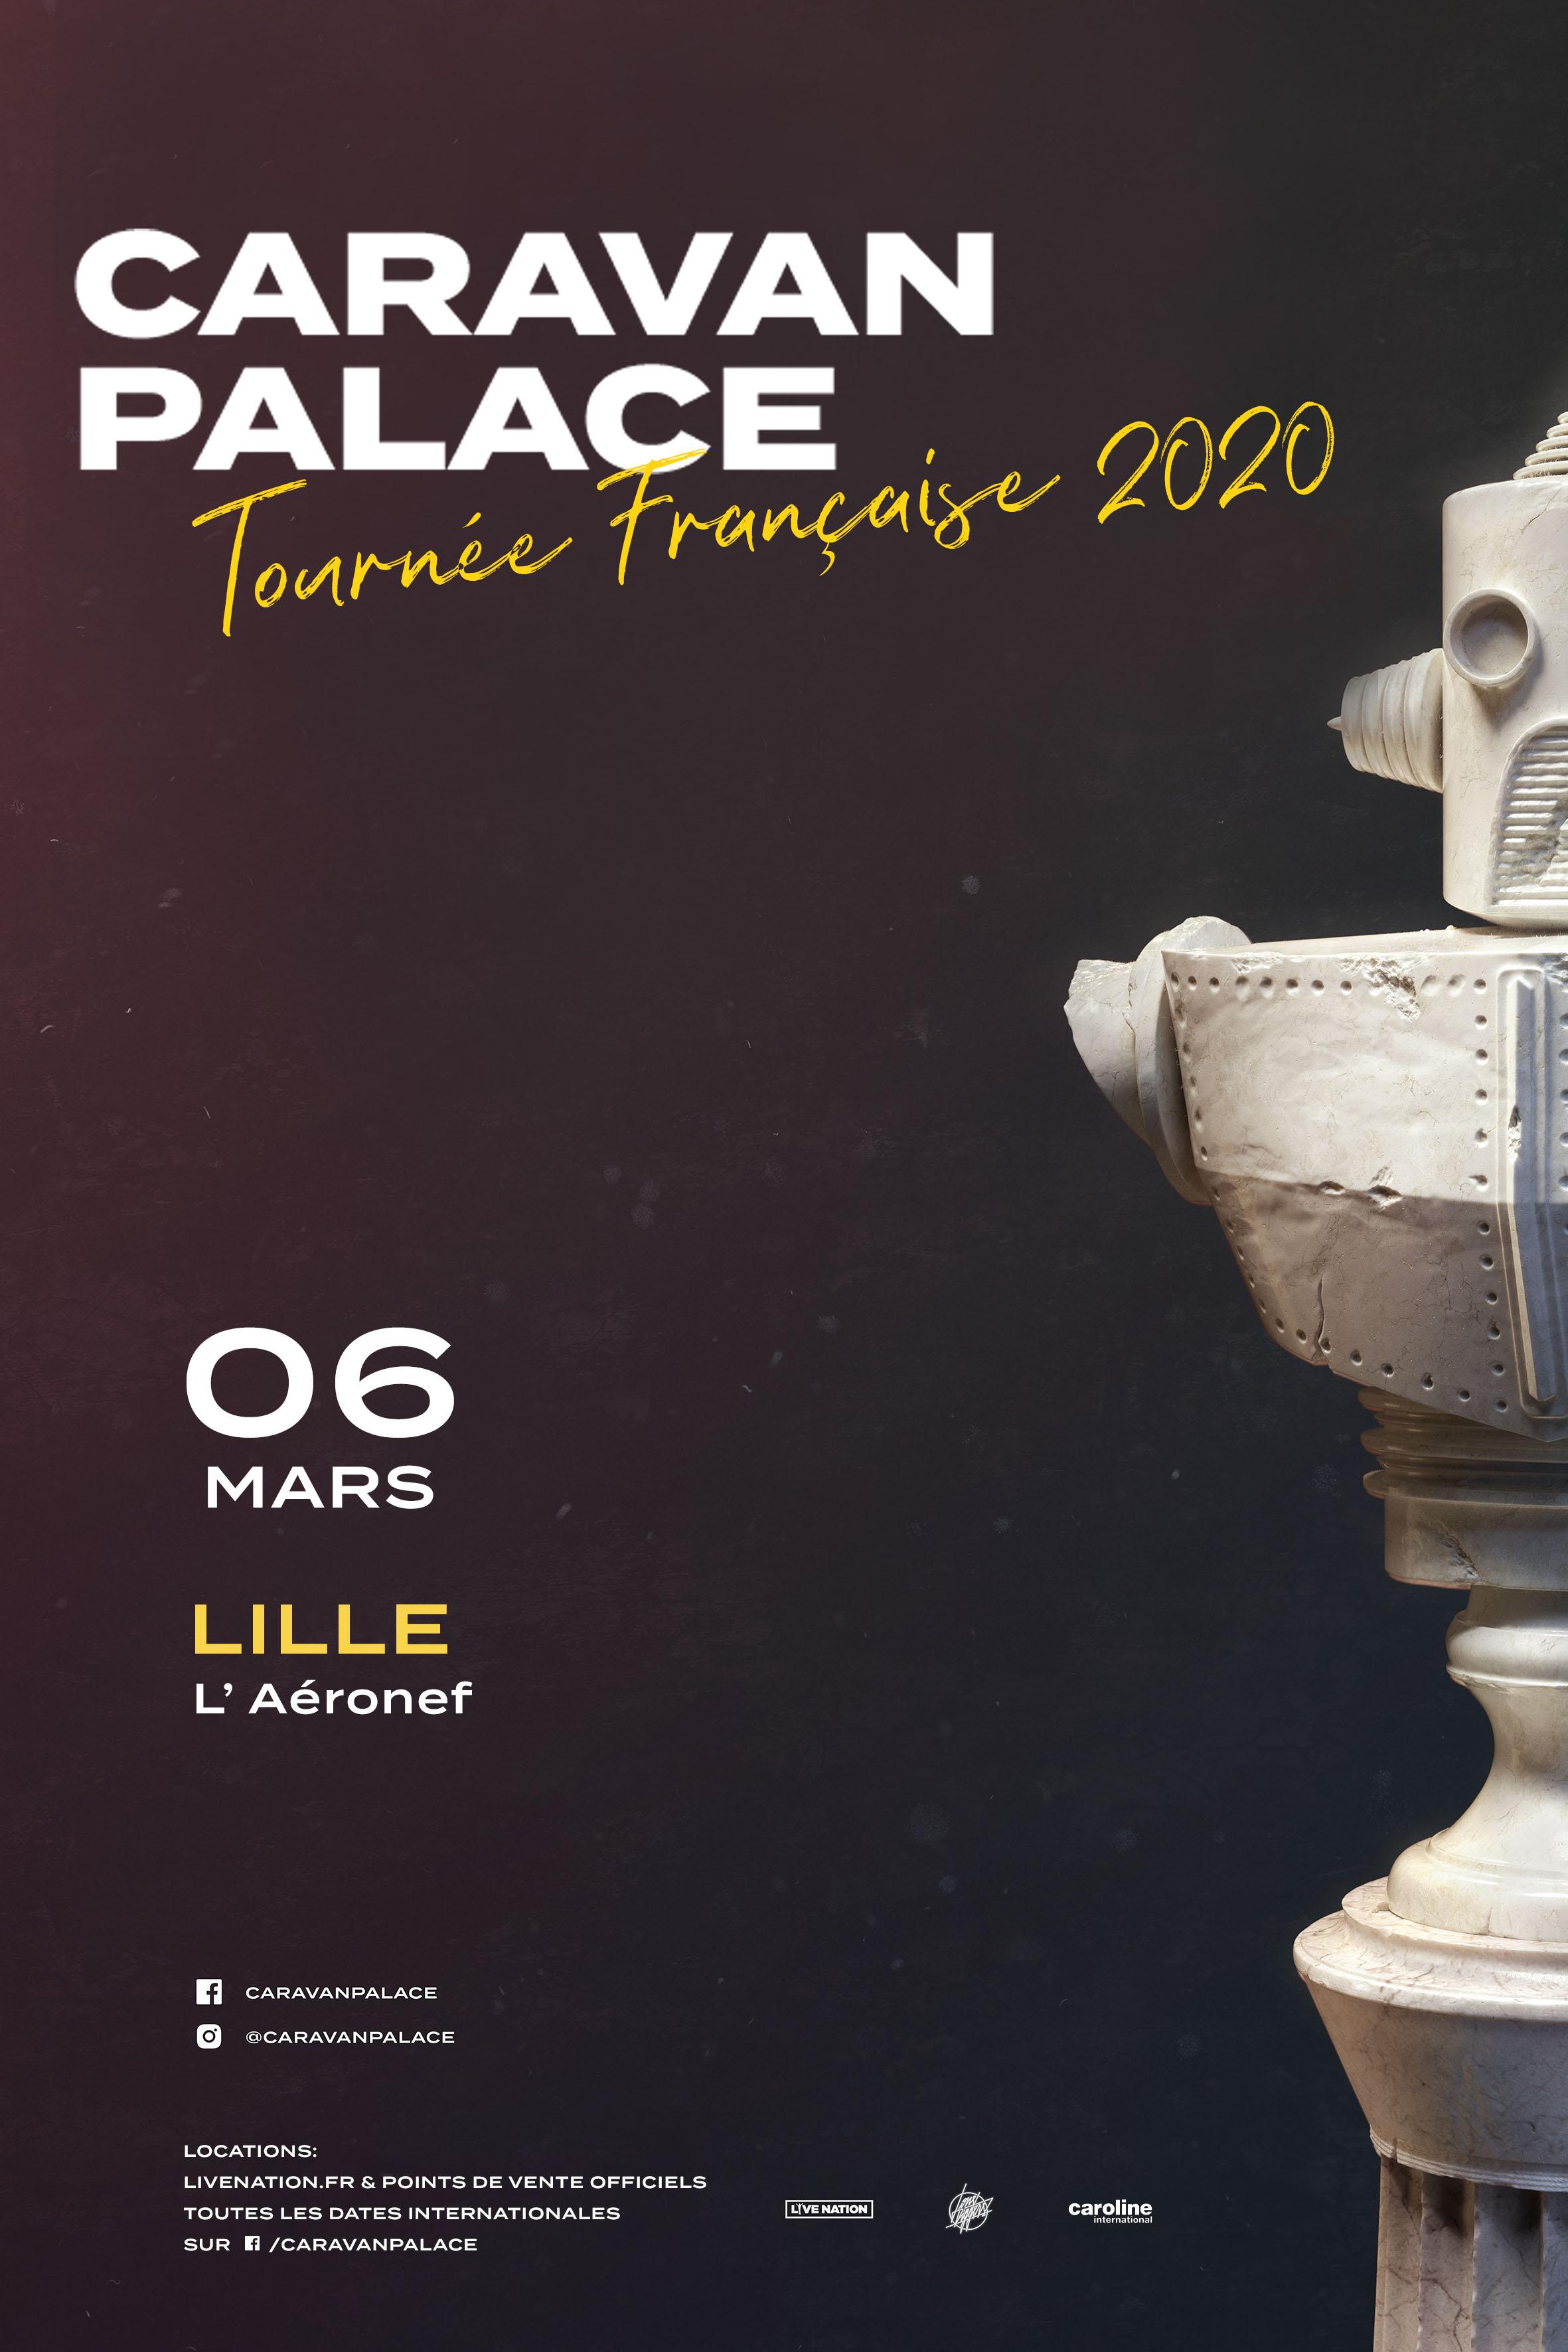 Caravan Palace de retour à l'Aéronef